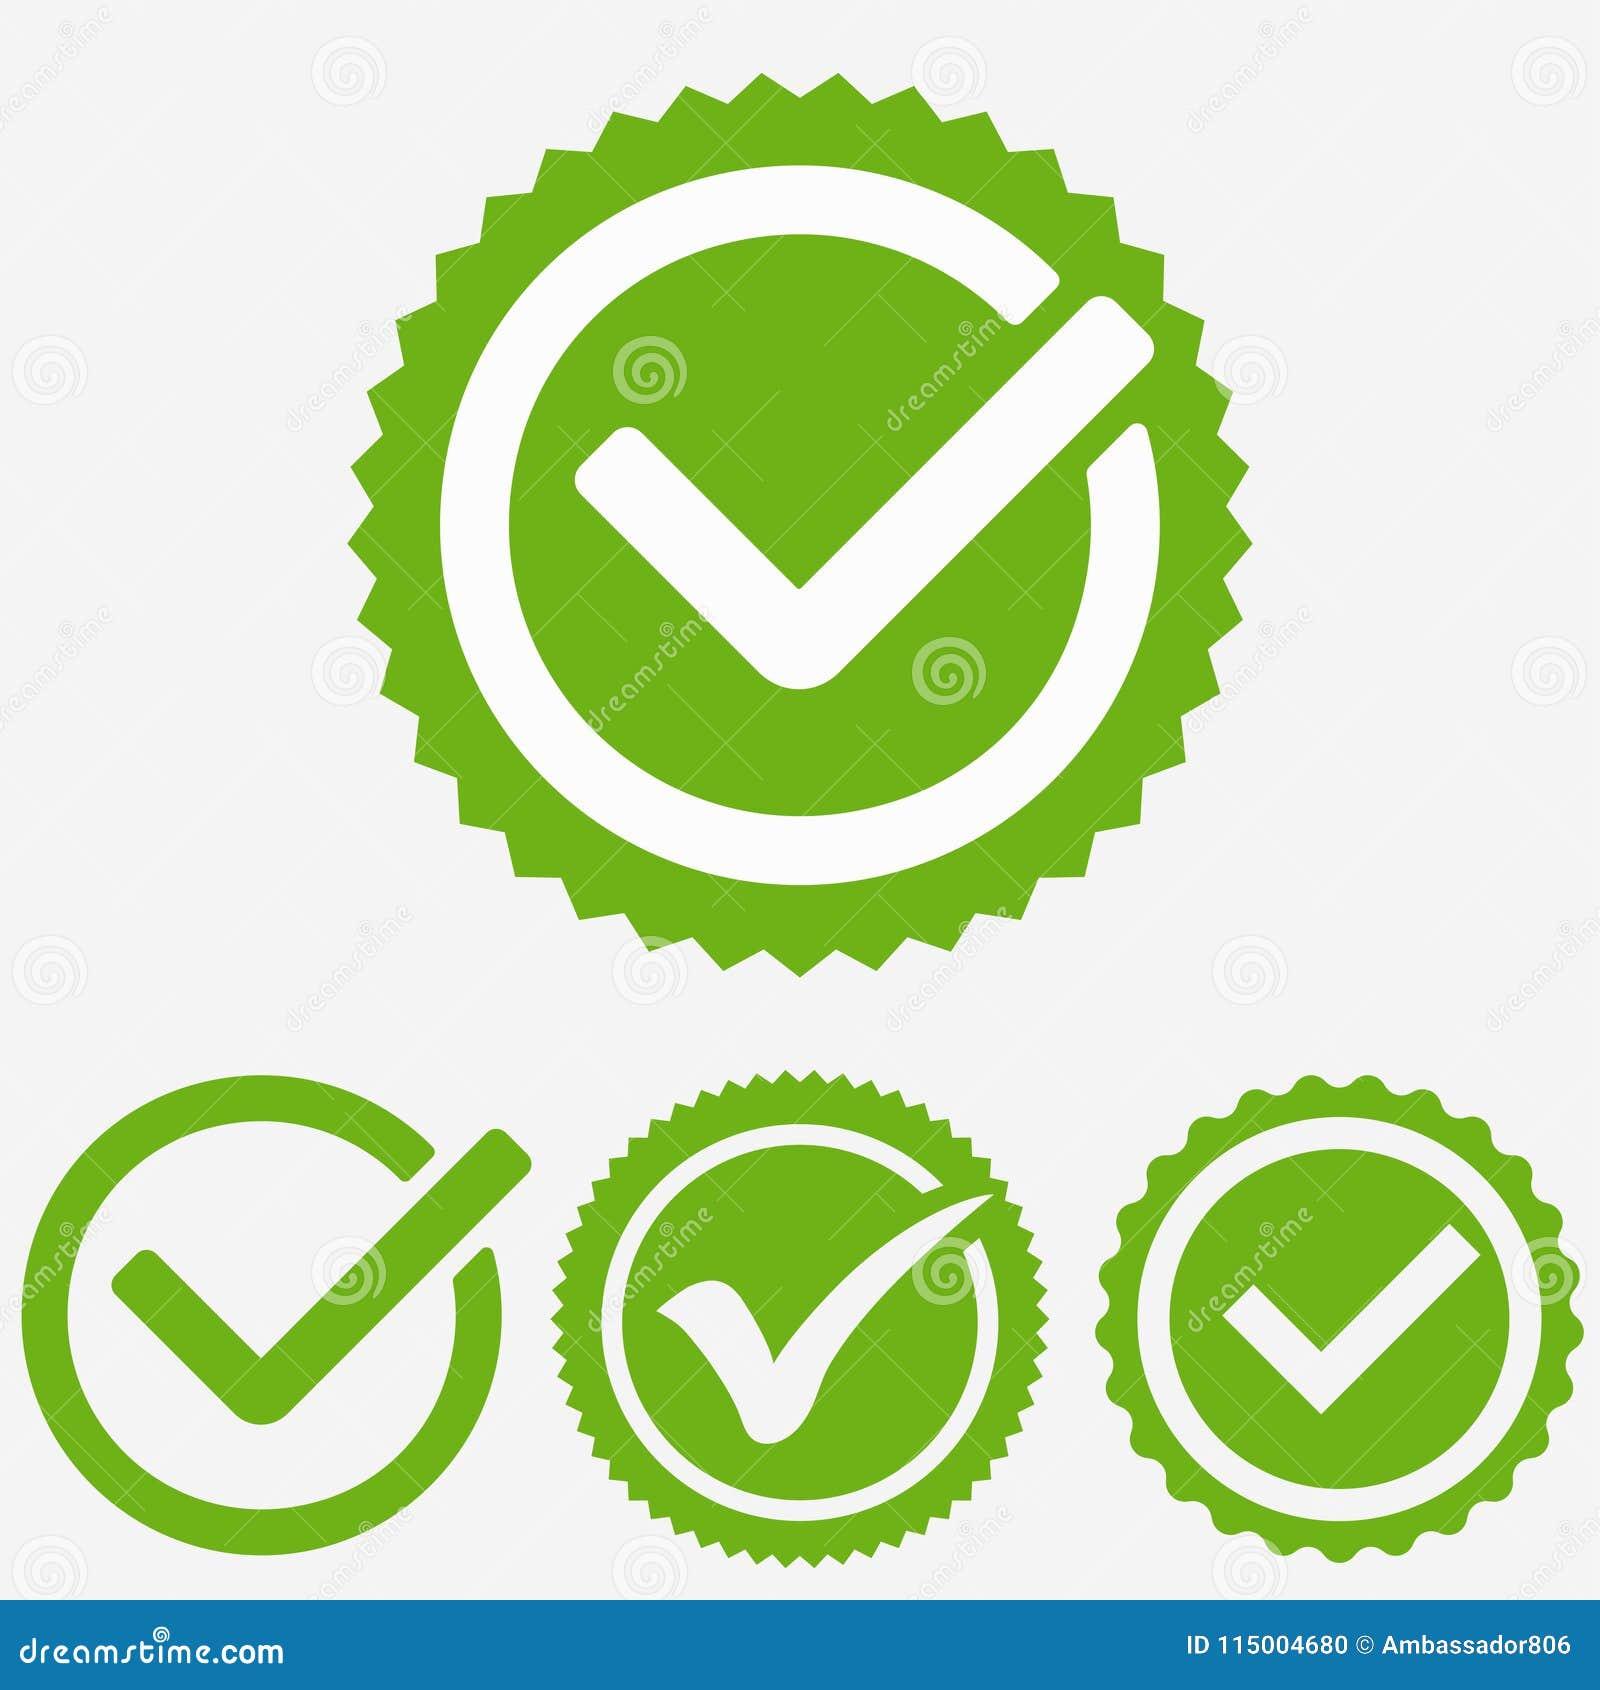 Zielony Kleszczowy Mark Czek oceny ikona Kleszczowy znak Zielony kleszczowy zatwierdzenie wektor